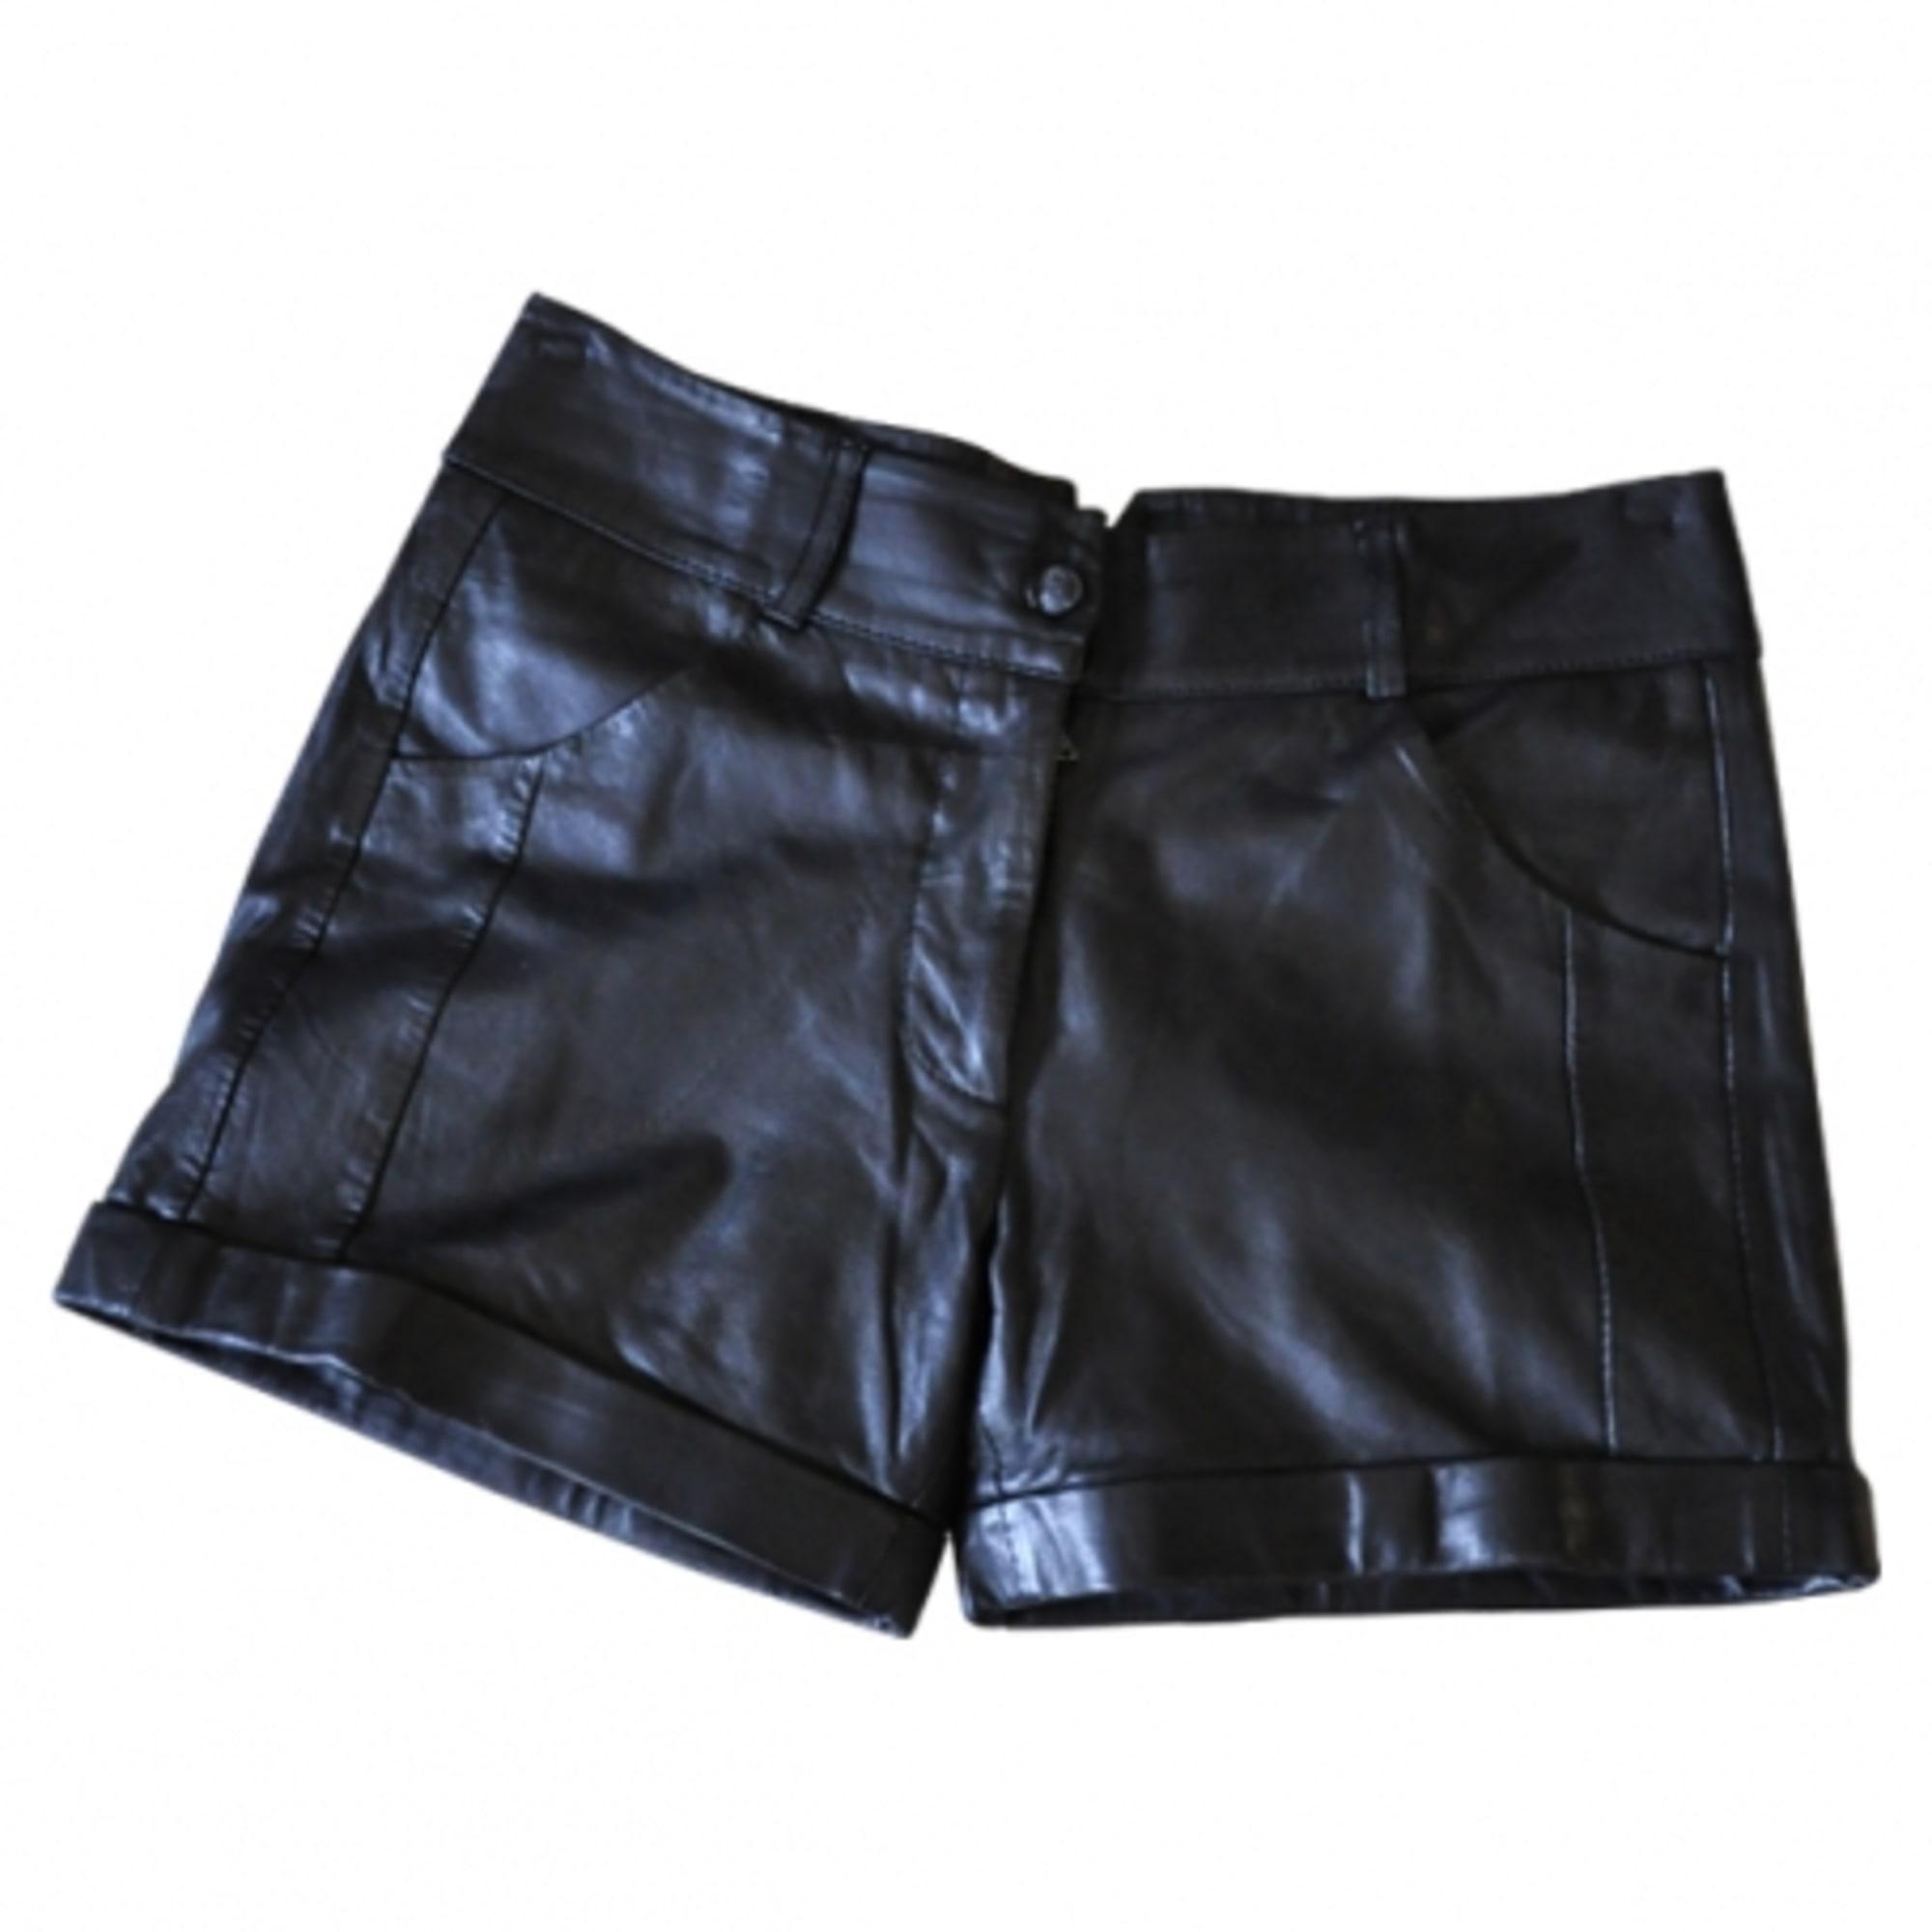 5319821825 Short THE KOOPLES 38 (M, T2) noir vendu par Floraqua - 1524454